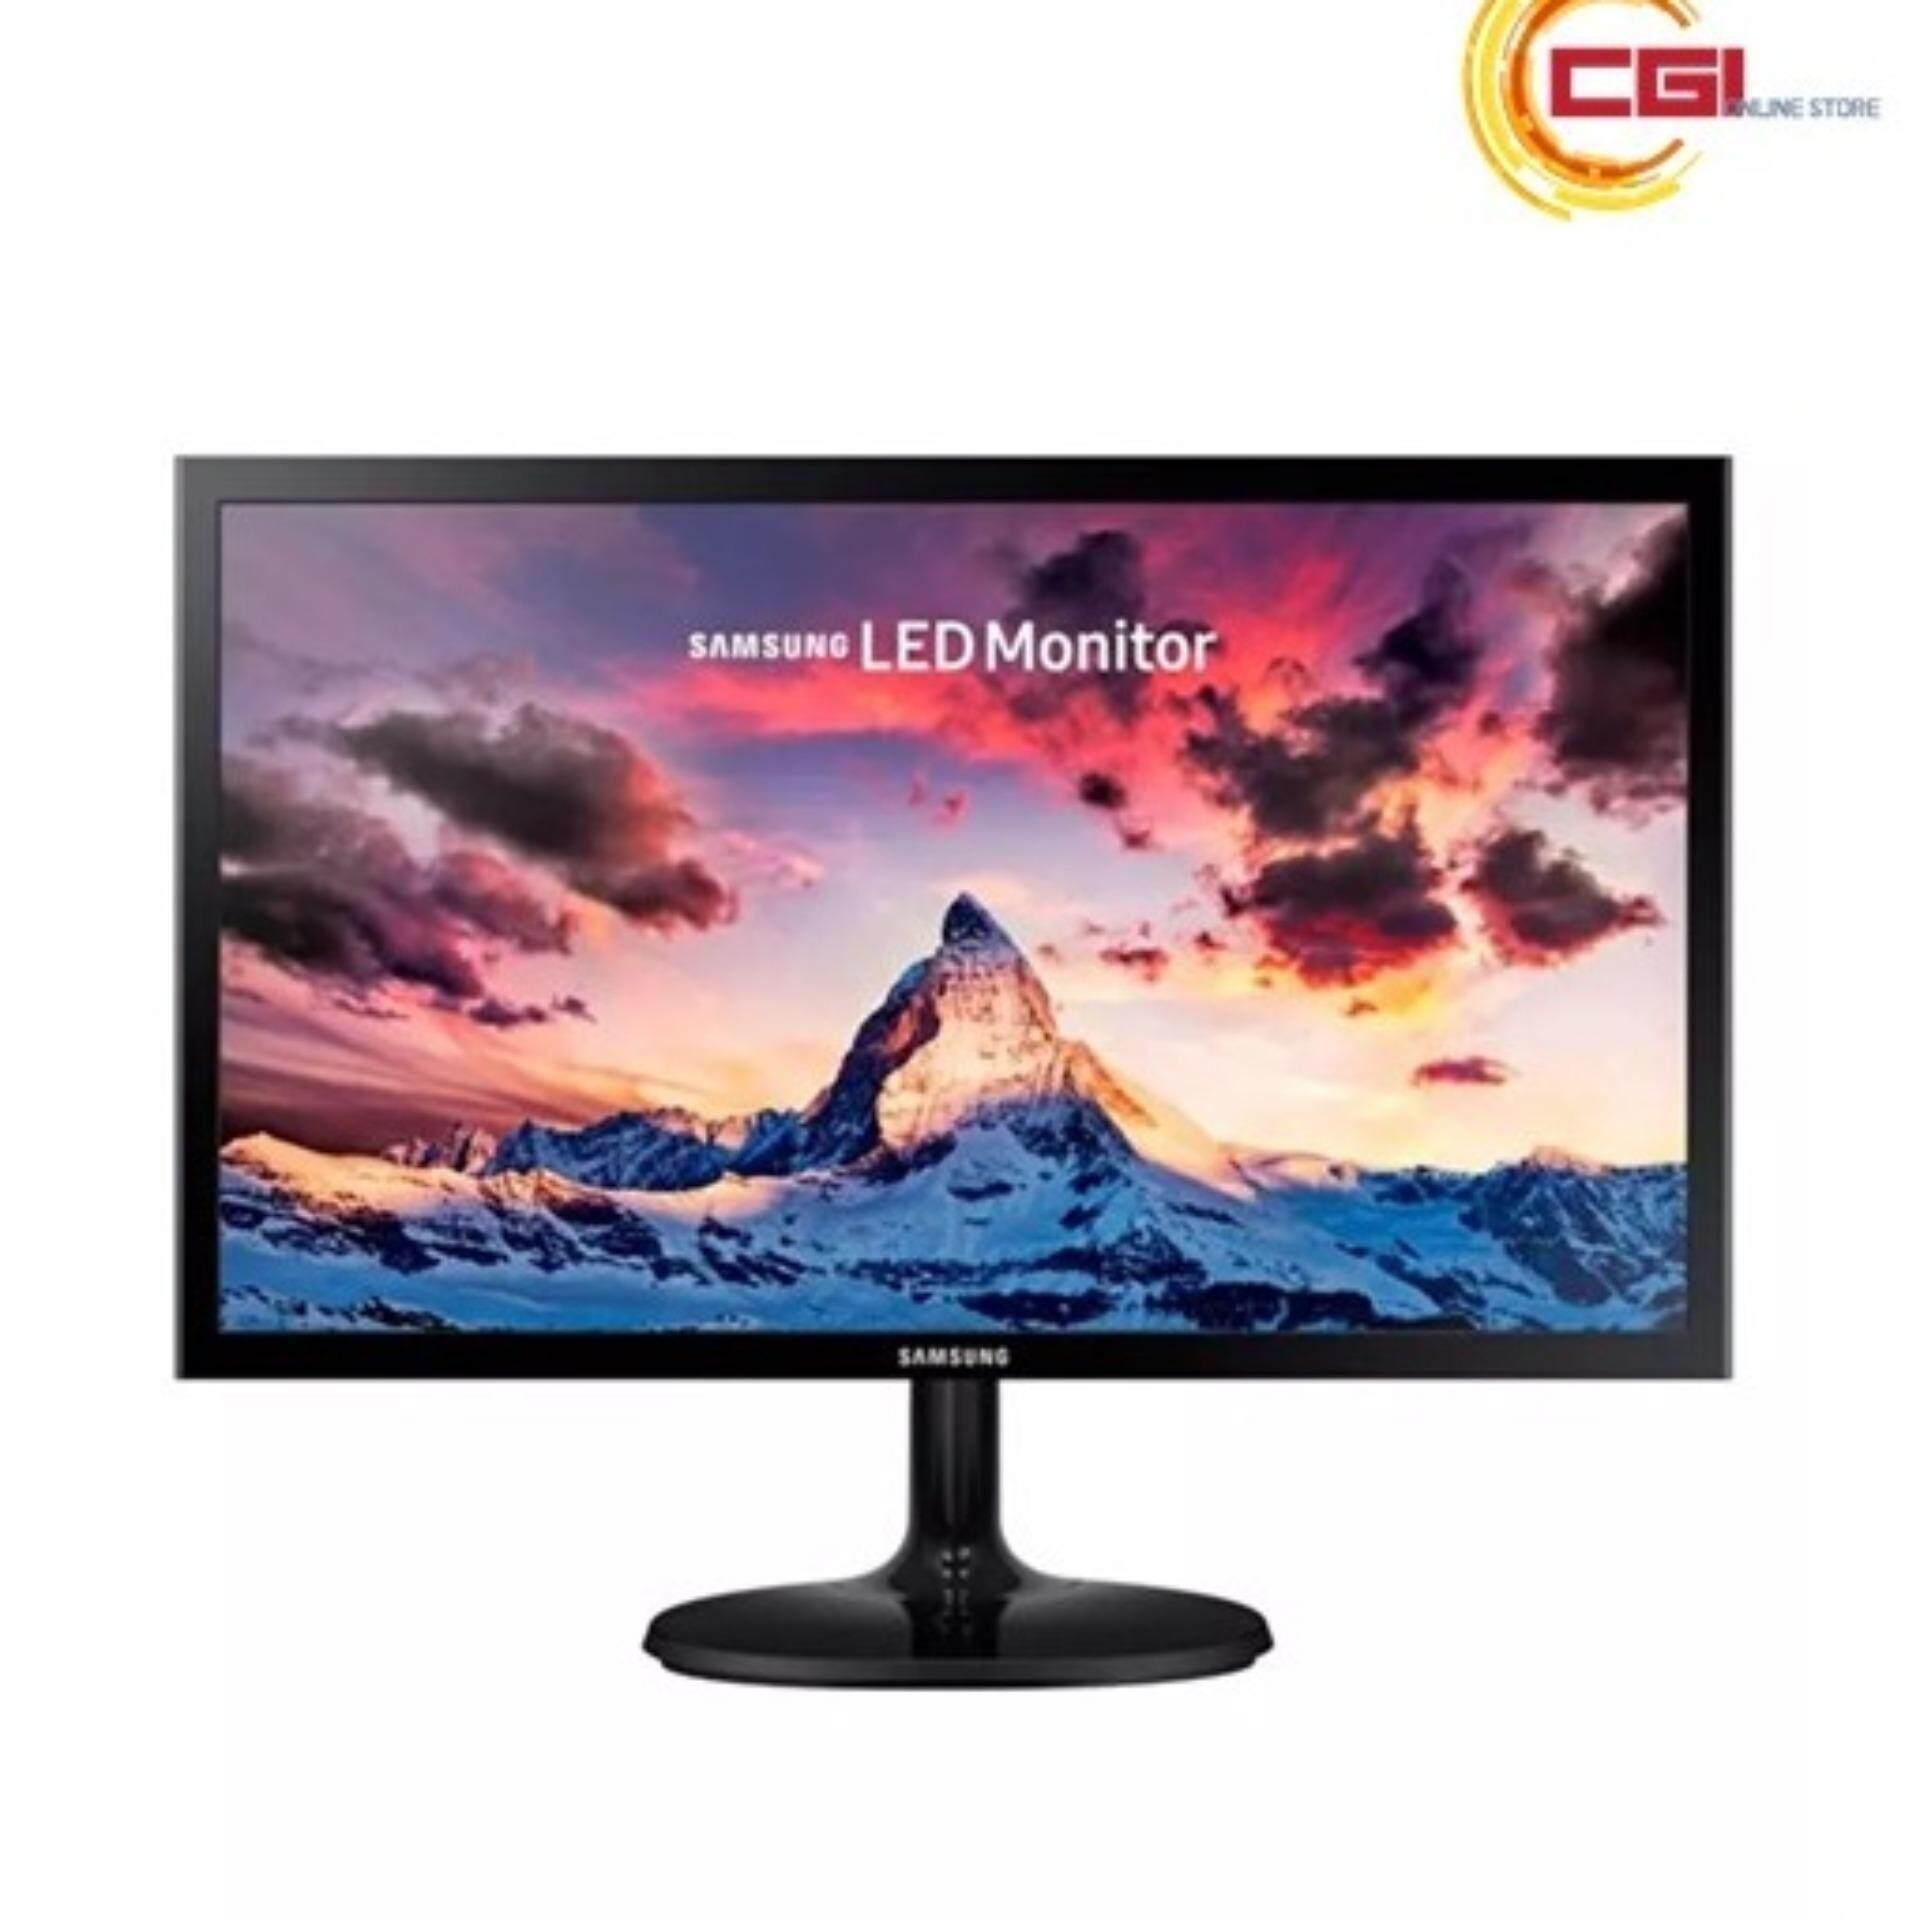 Samsung 27 LS27F350FHEXXM LED Monitor Malaysia